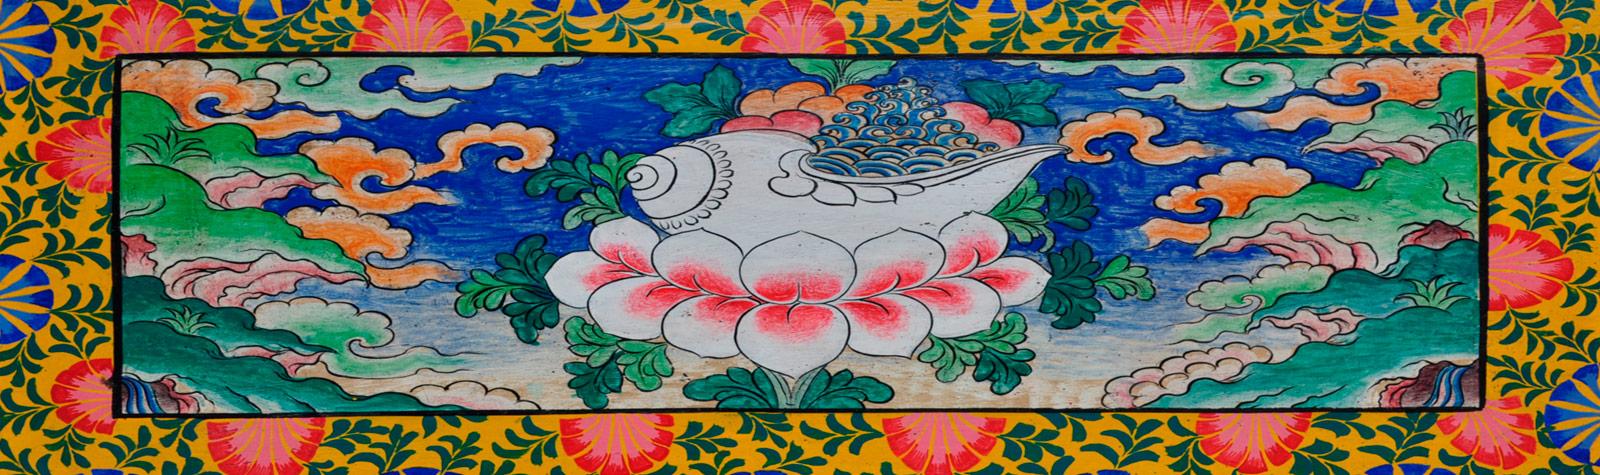 Test de personnalité Tibétain